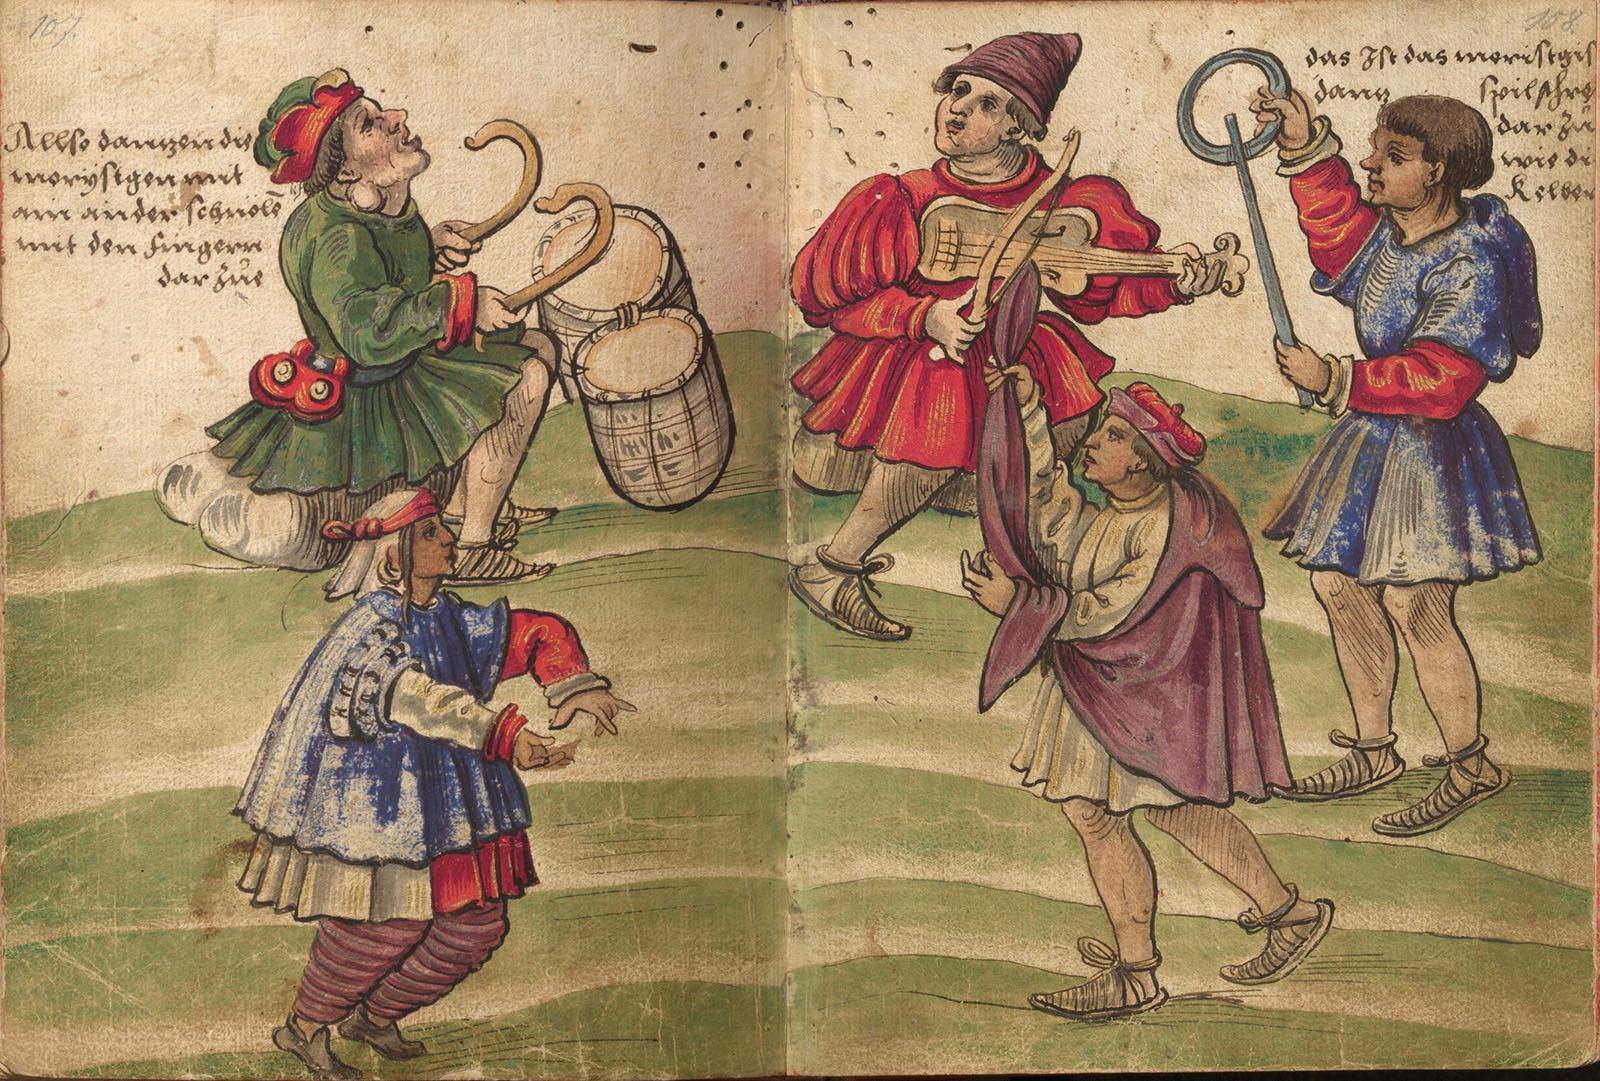 Trachtenbuch. Danza morisca (Christoph Weiditz, 1528-1529)